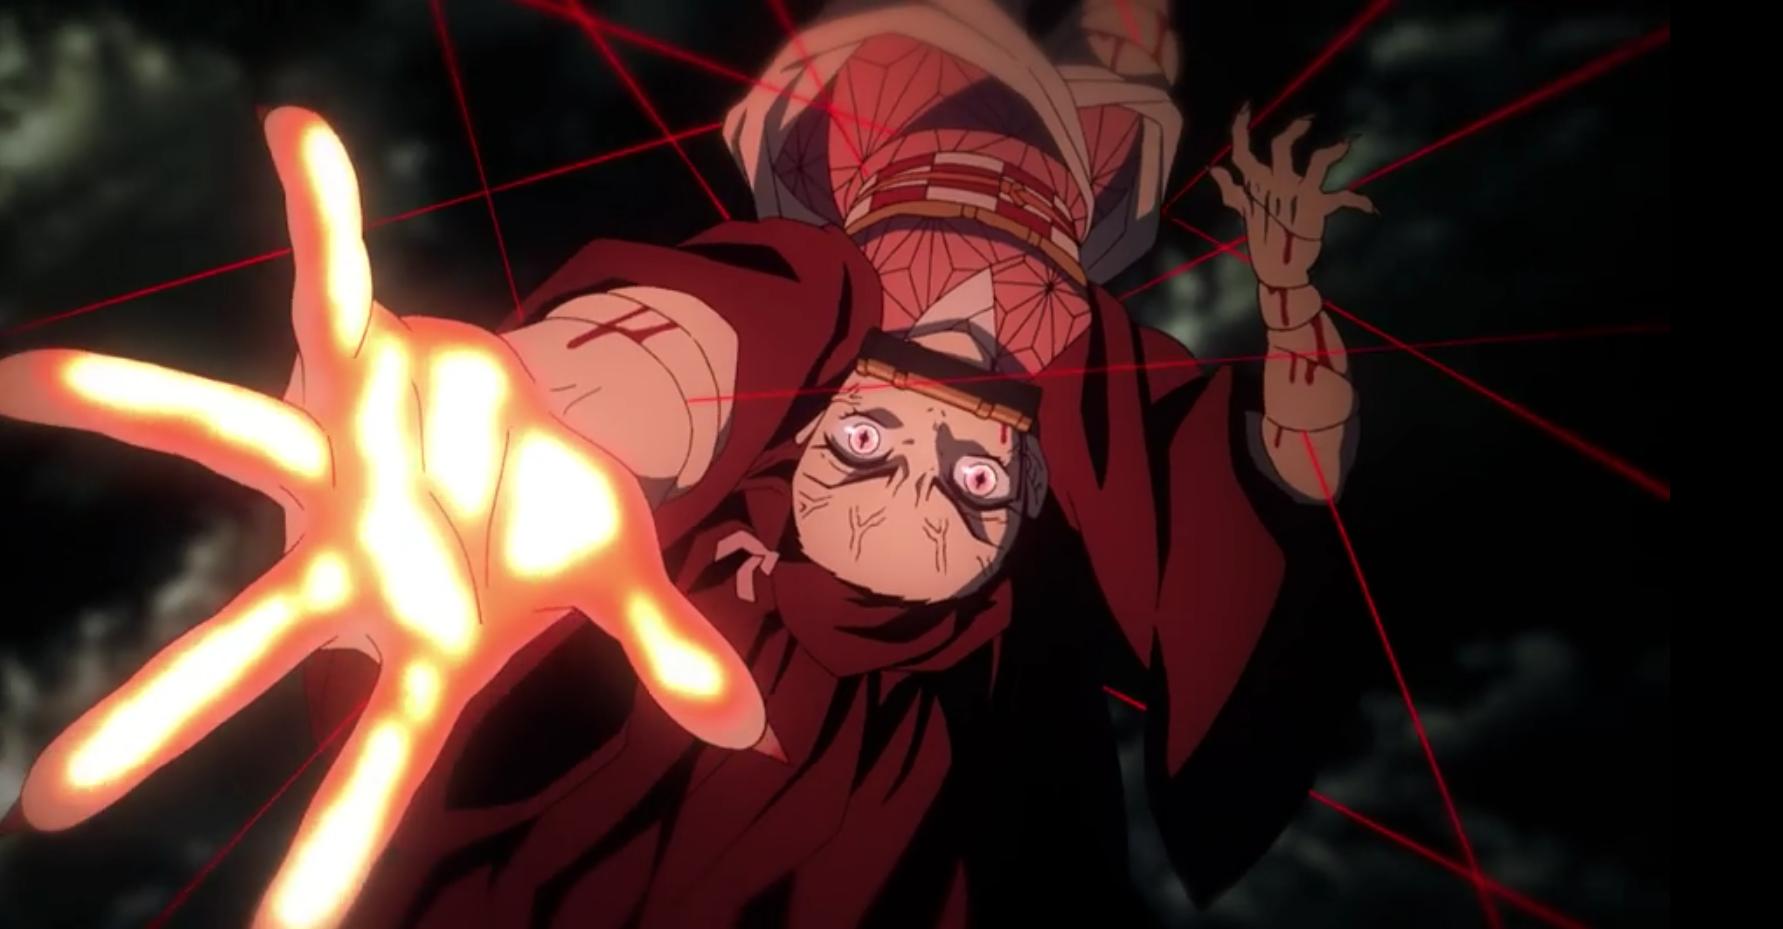 血鬼術「爆血(ばっけつ)」